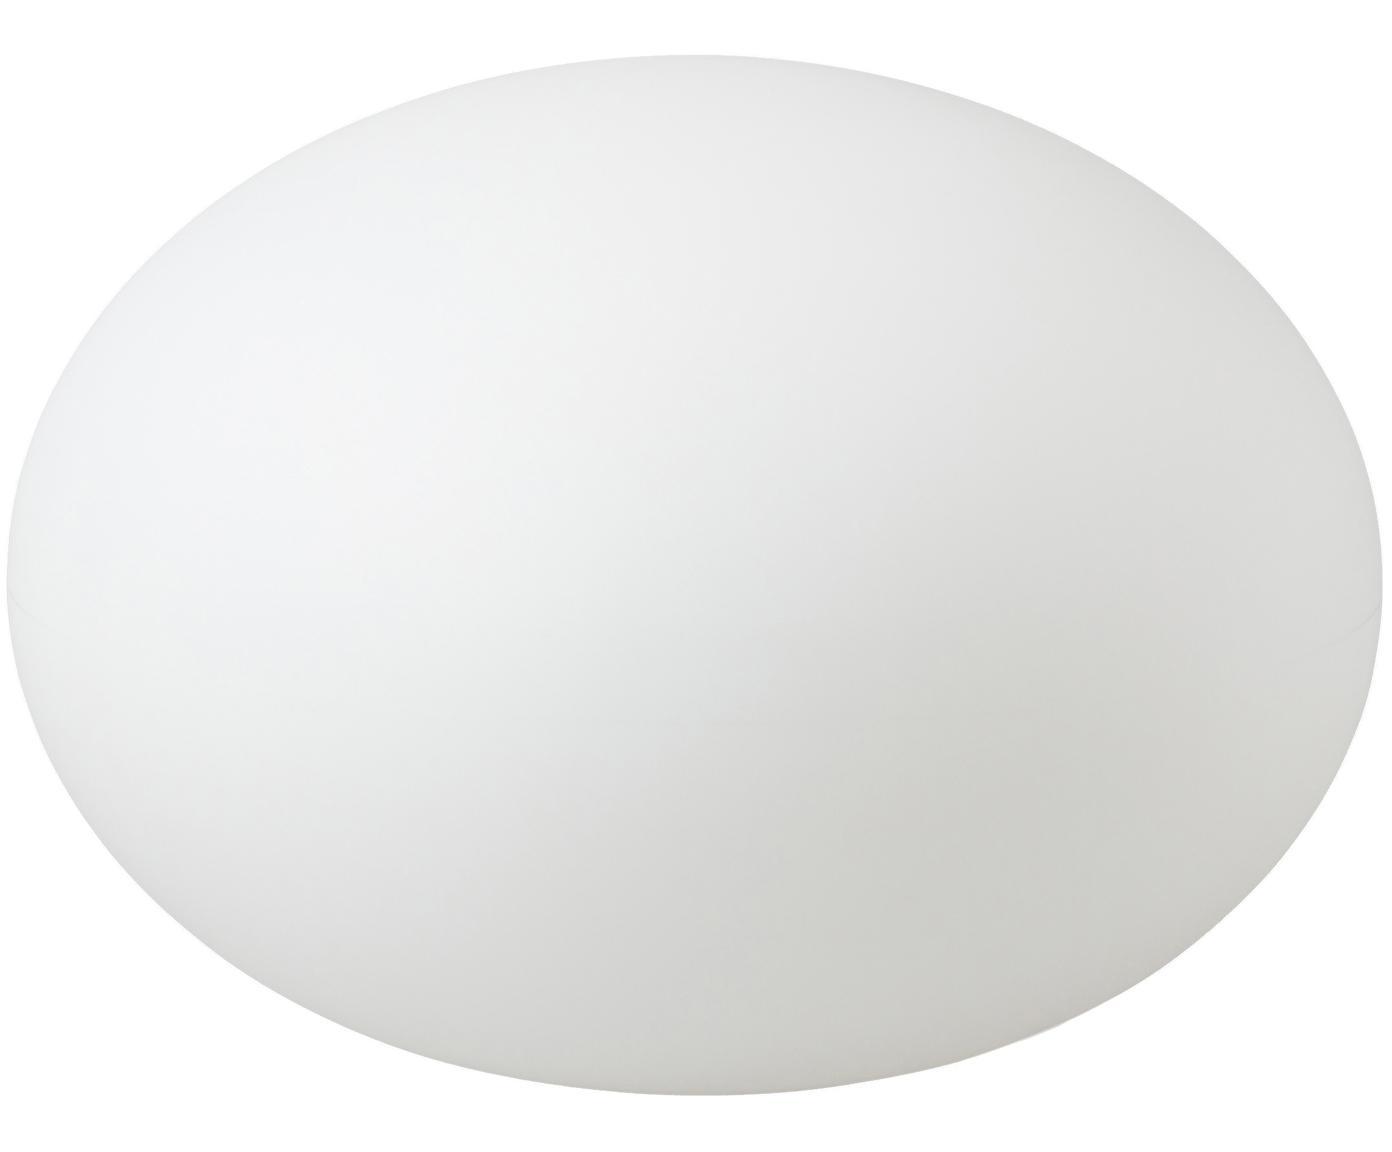 Lámpara de suelo de exterior Apollo, con enchufe, Plástico, Blanco, Ø 55 x Al 41 cm